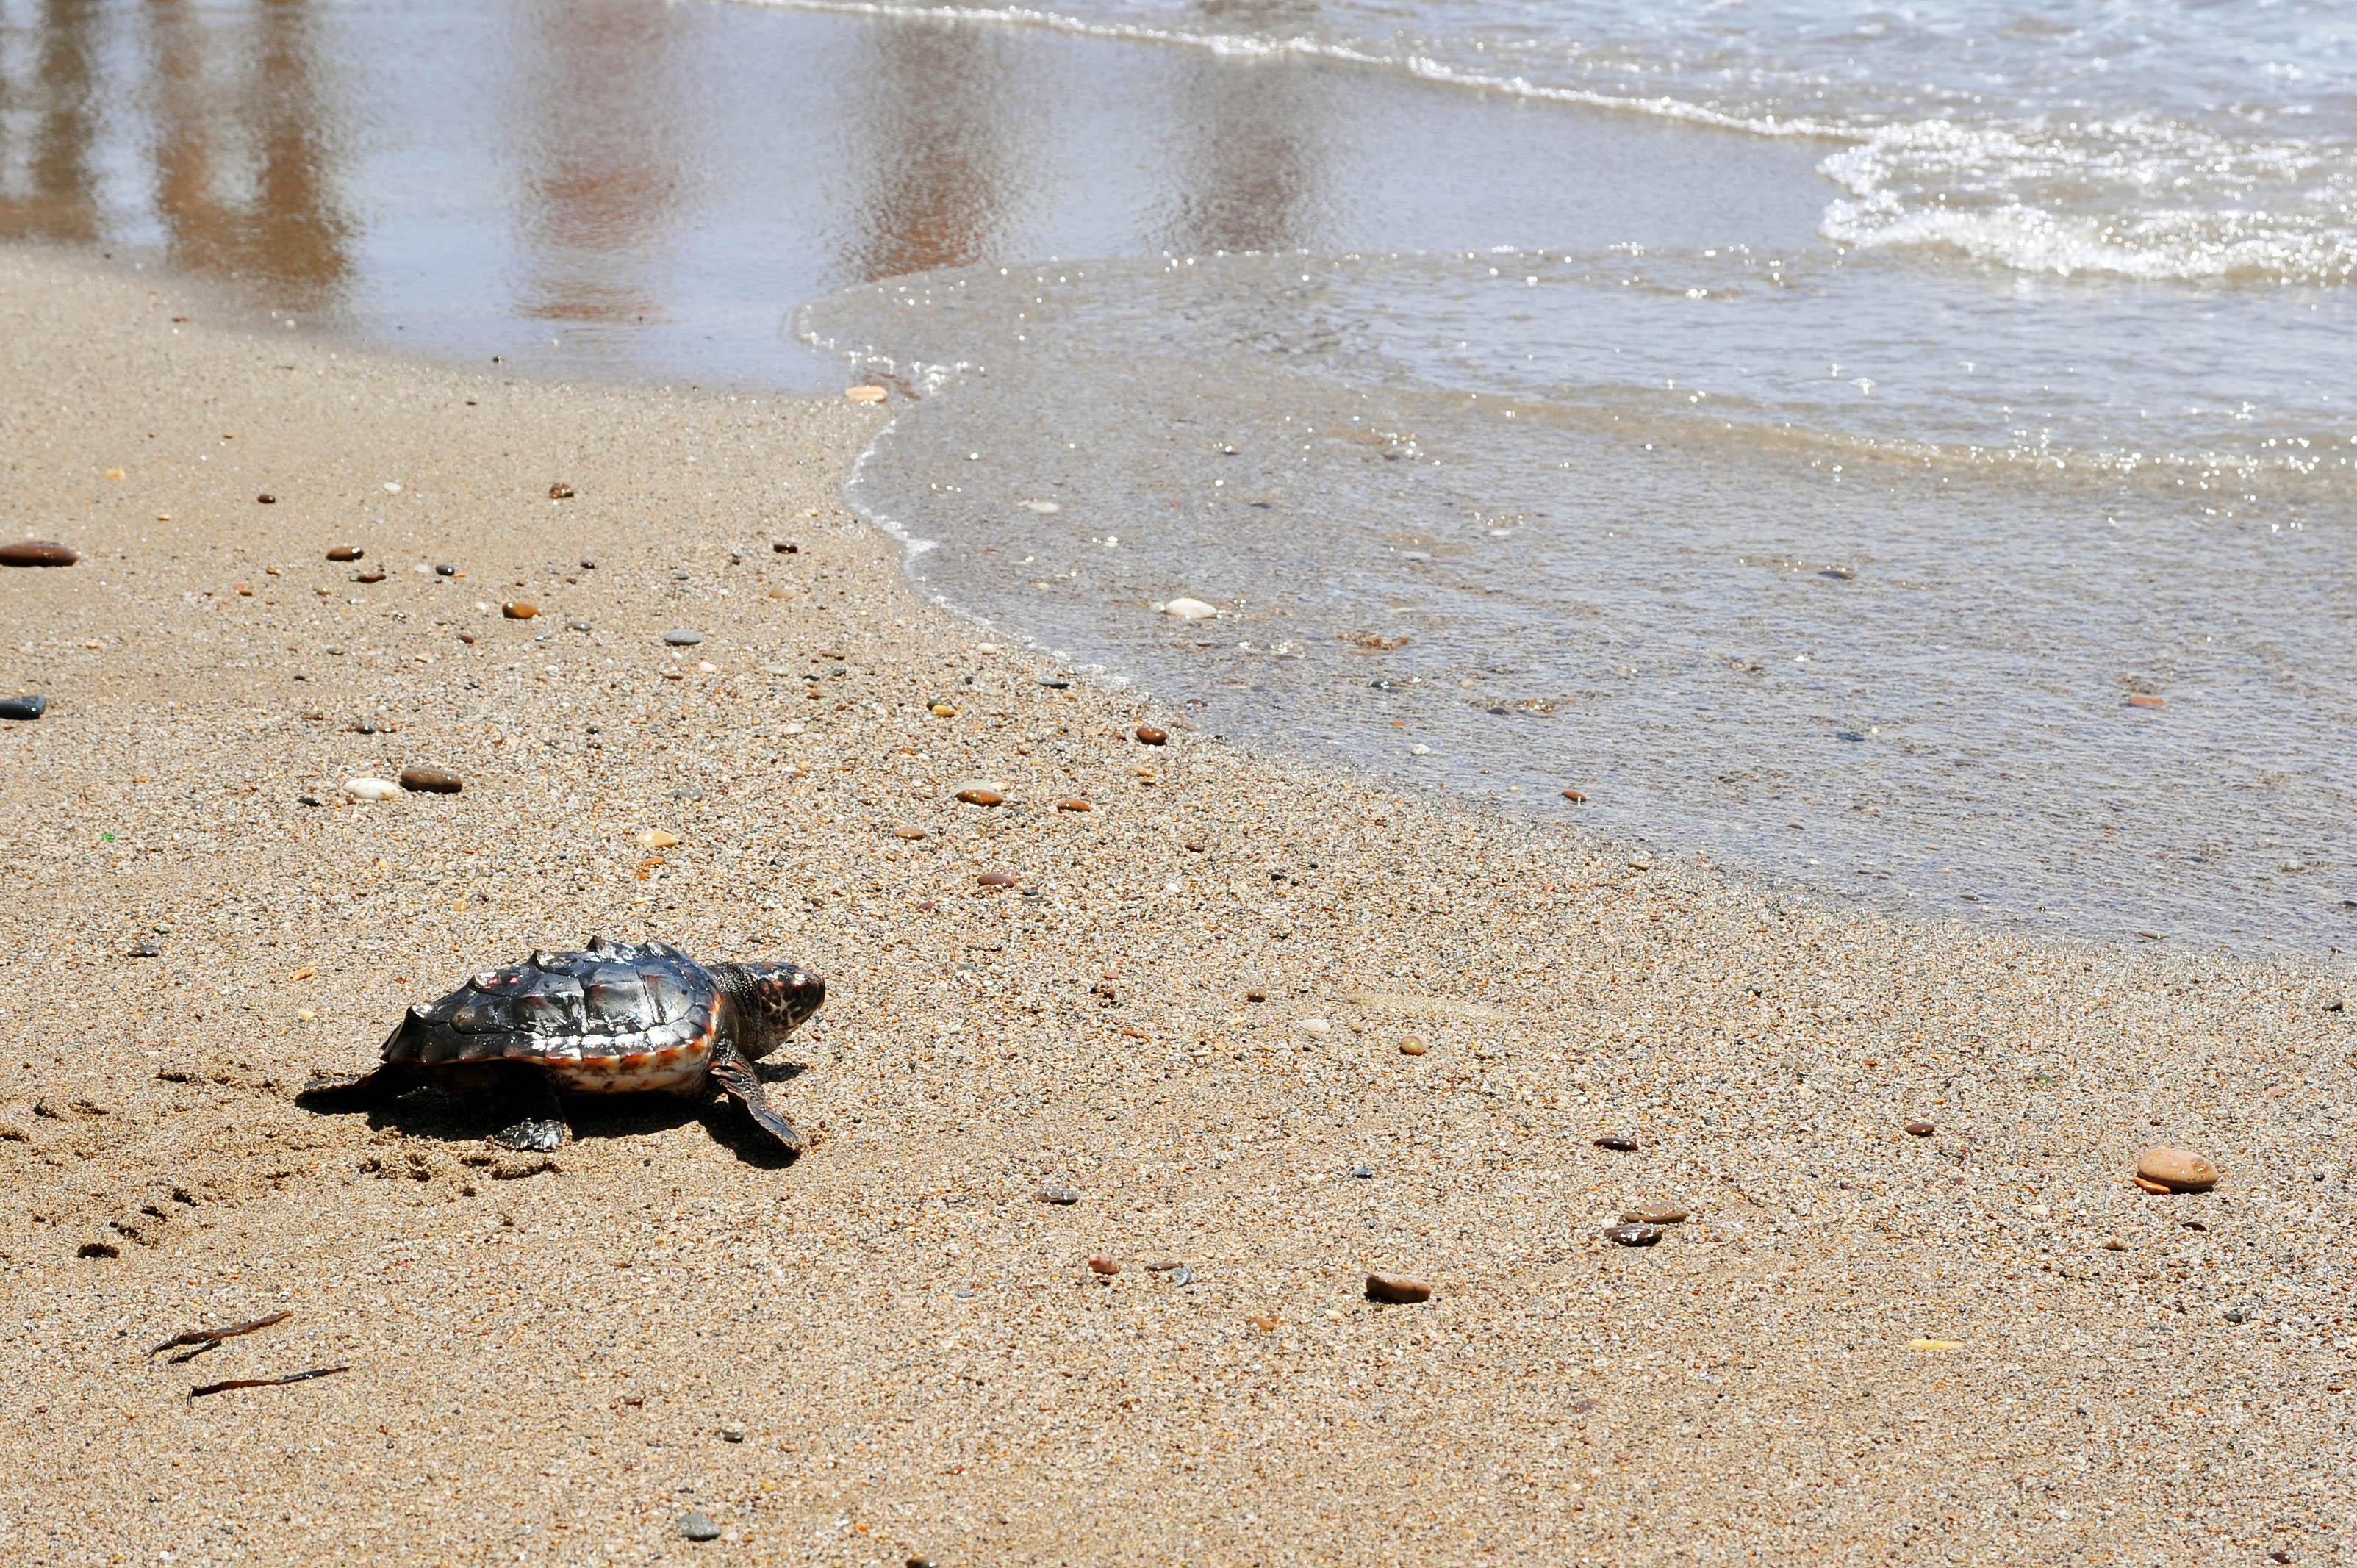 Tortuga boba en una playa de Pulpí, en Almería. ©Andrés Díaz/CSIC Comunicación